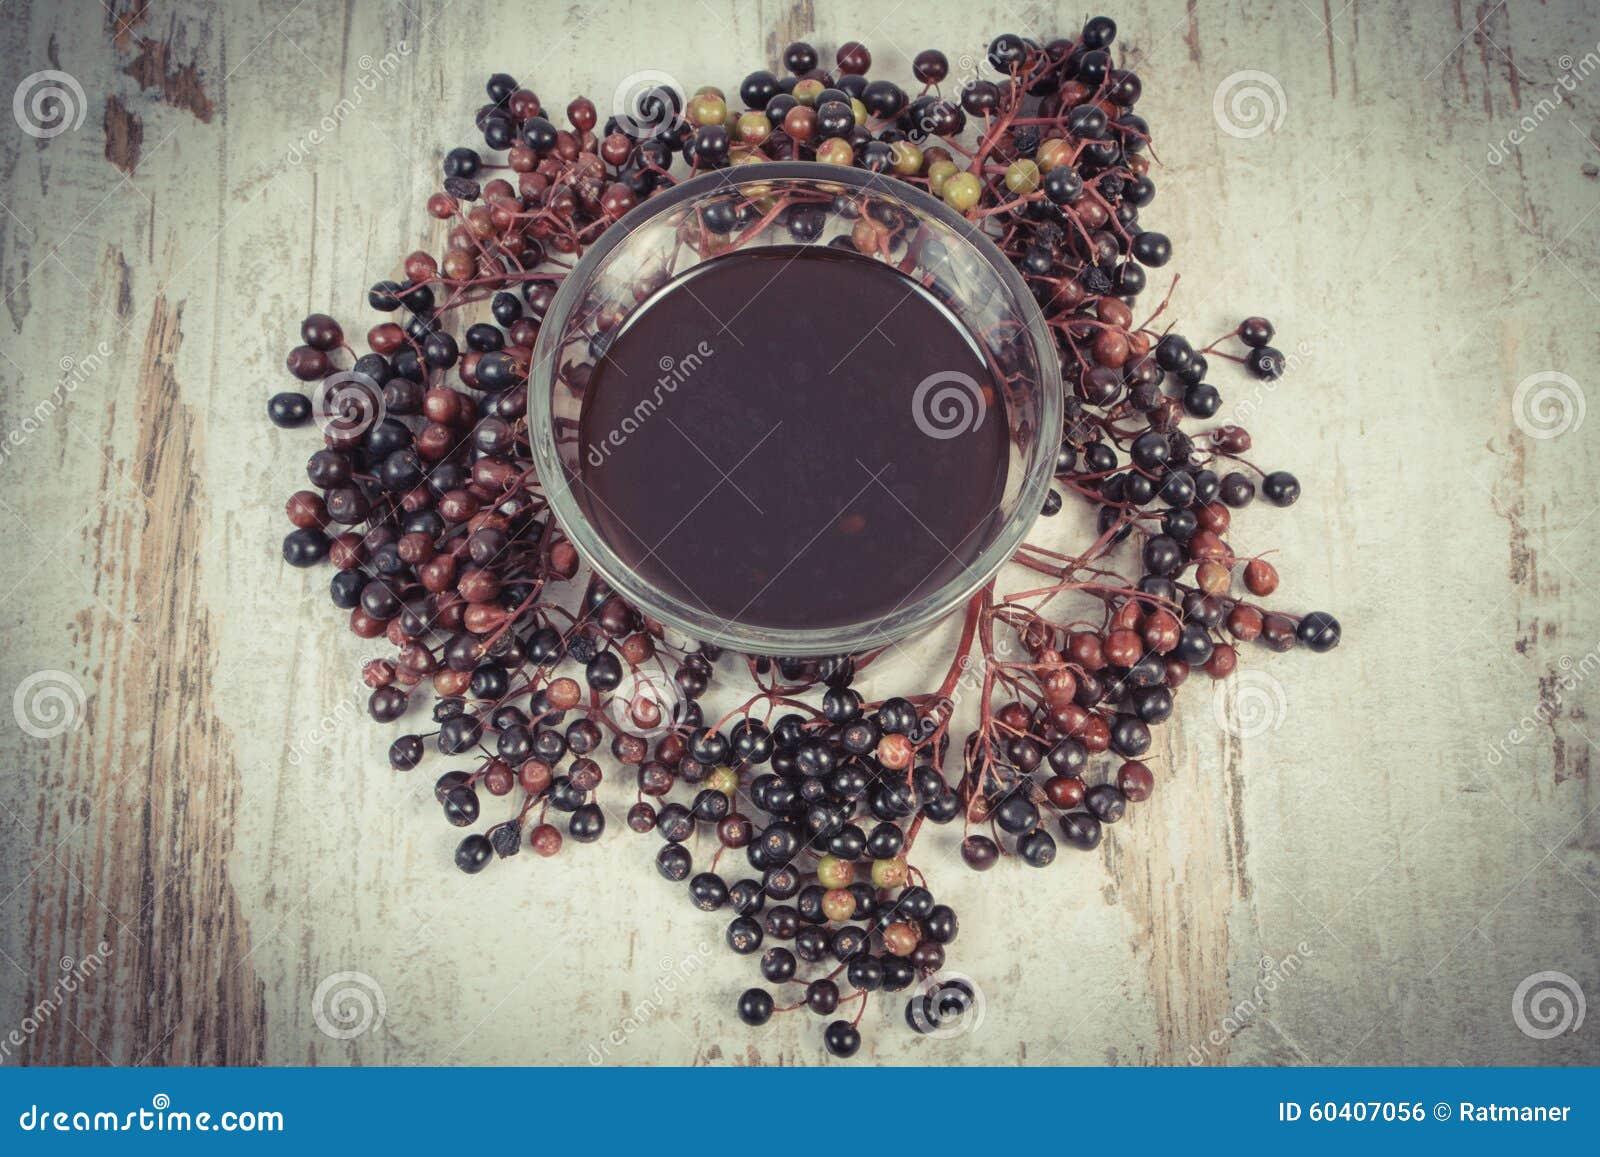 葡萄酒照片,束新鲜的接骨木浆果用在老木背景,健康营养的汁液